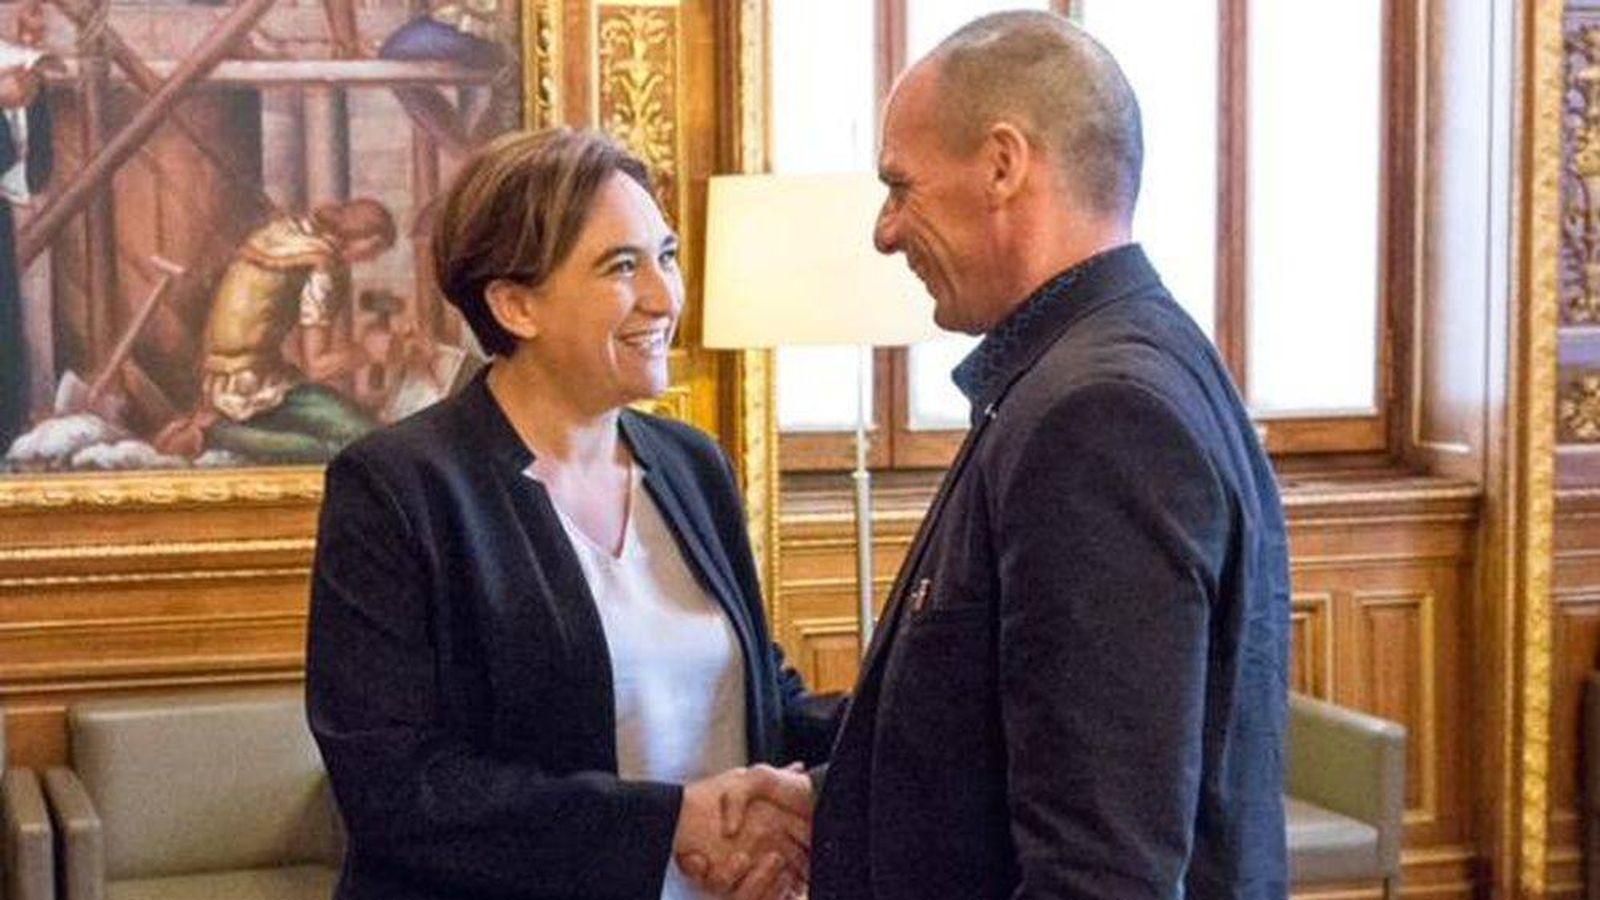 Foto: Ada Colau y Yanis Varoufakis durante su encuentro en Barcelona. (Ayuntamiento de Barcelona)